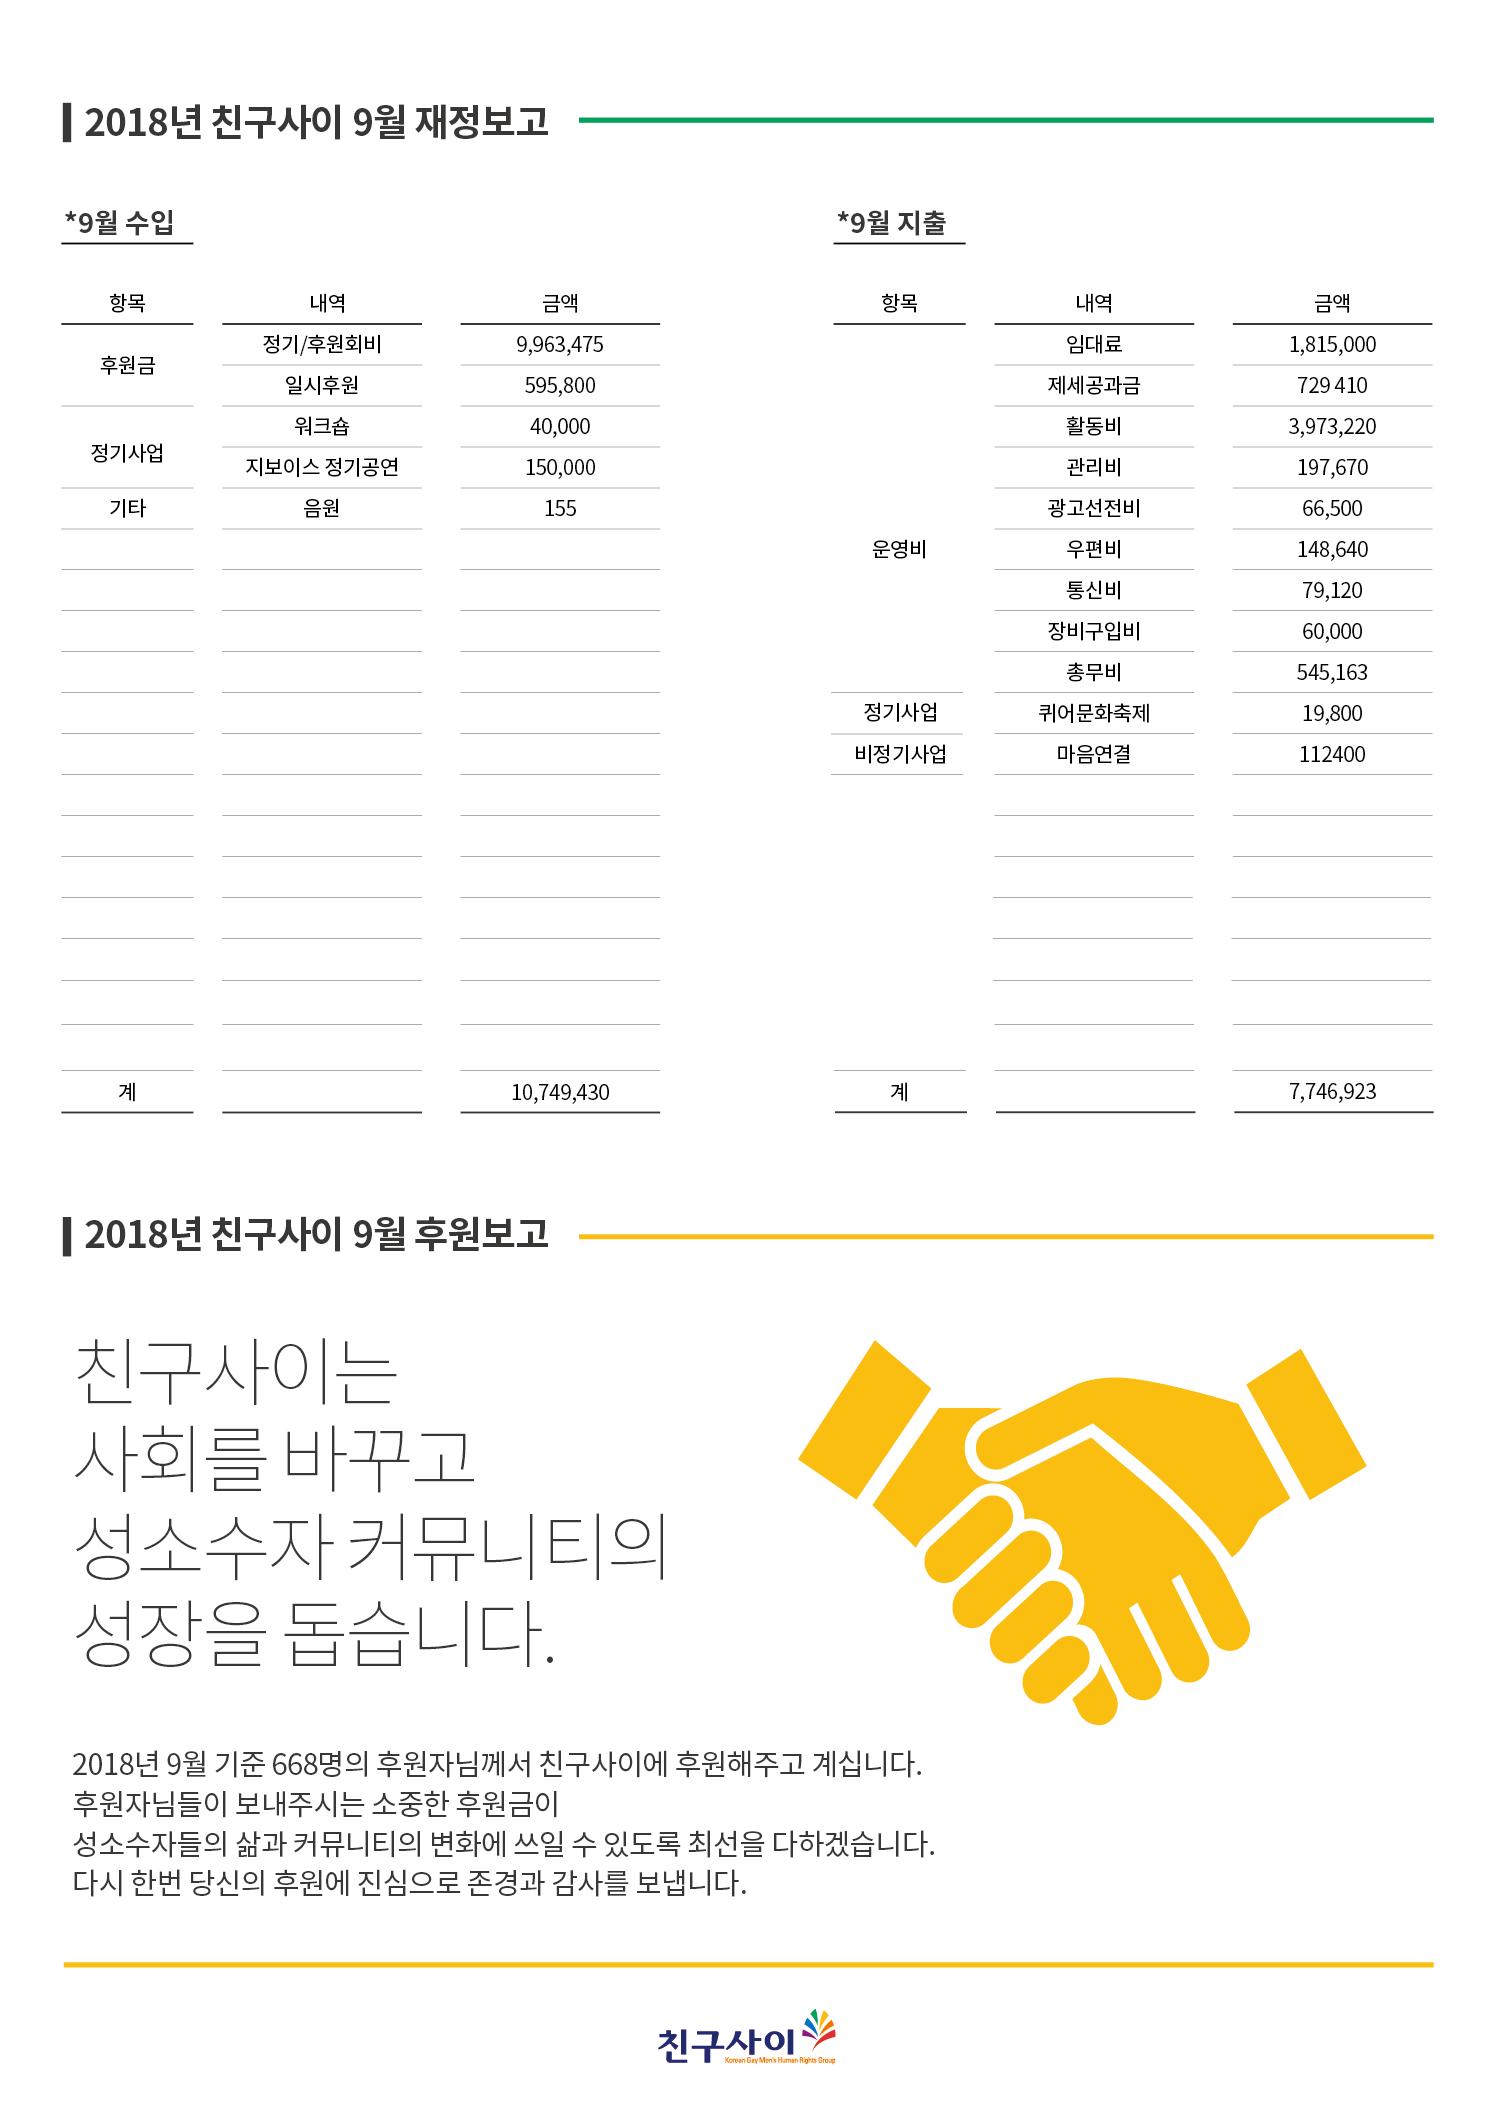 2018 소식지 9월 회계보고.png